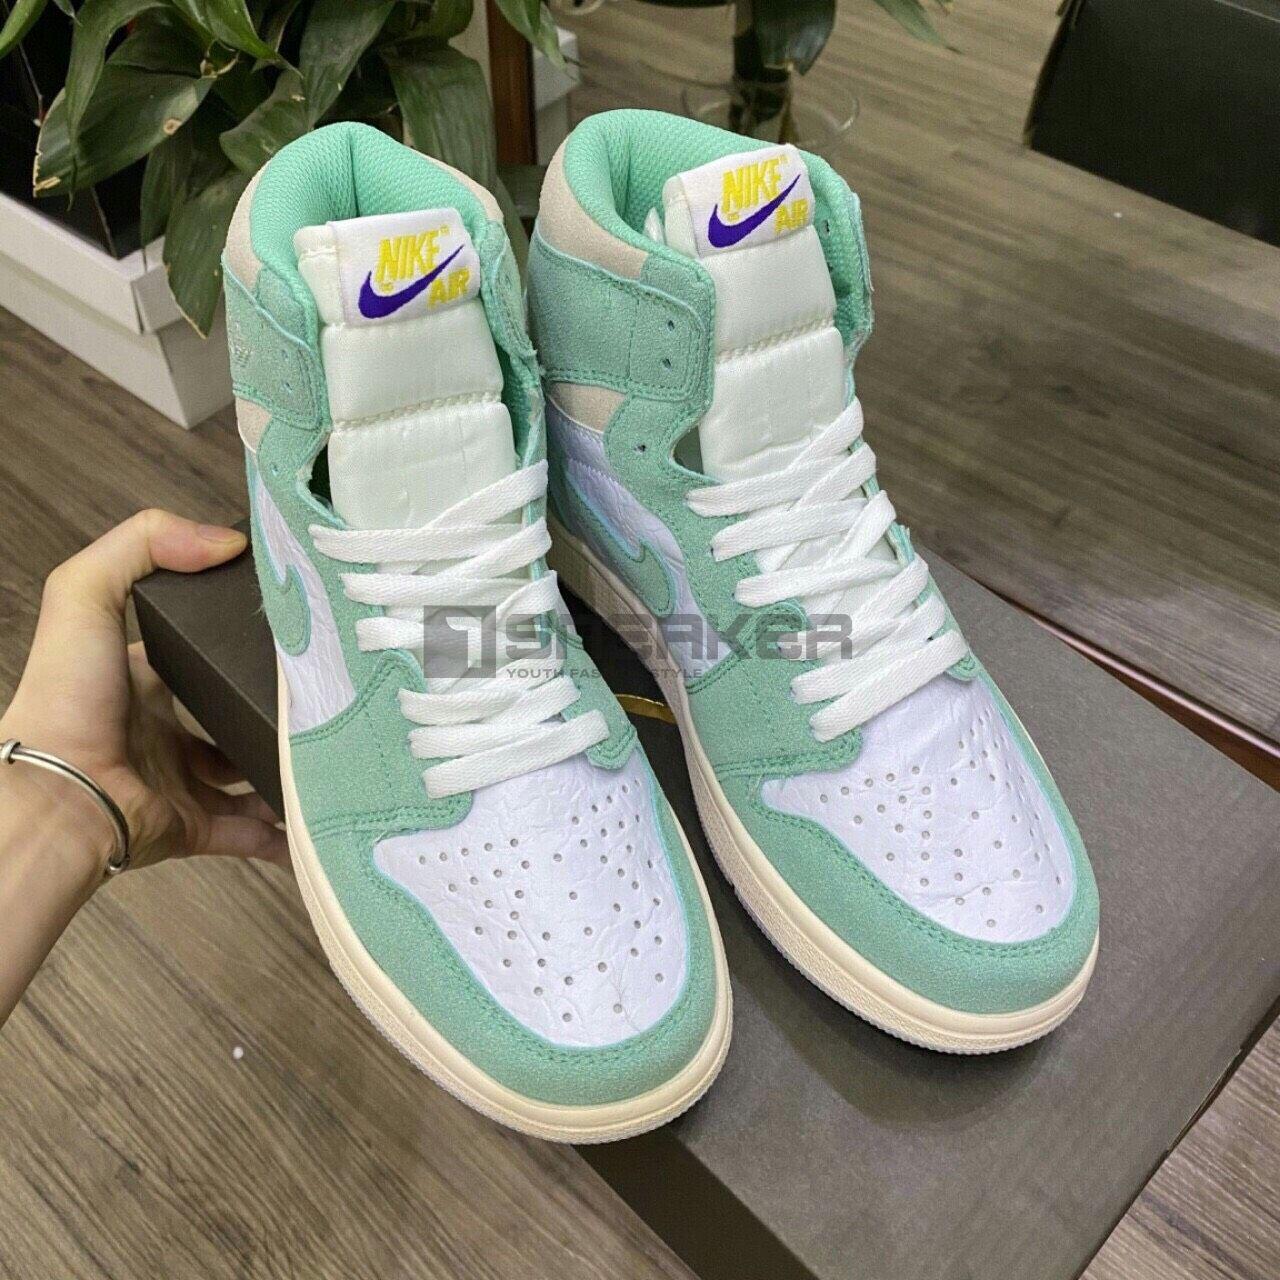 Nike Air Jordan 1 Retro High Turbo Green (xanh lam) REP 1:1